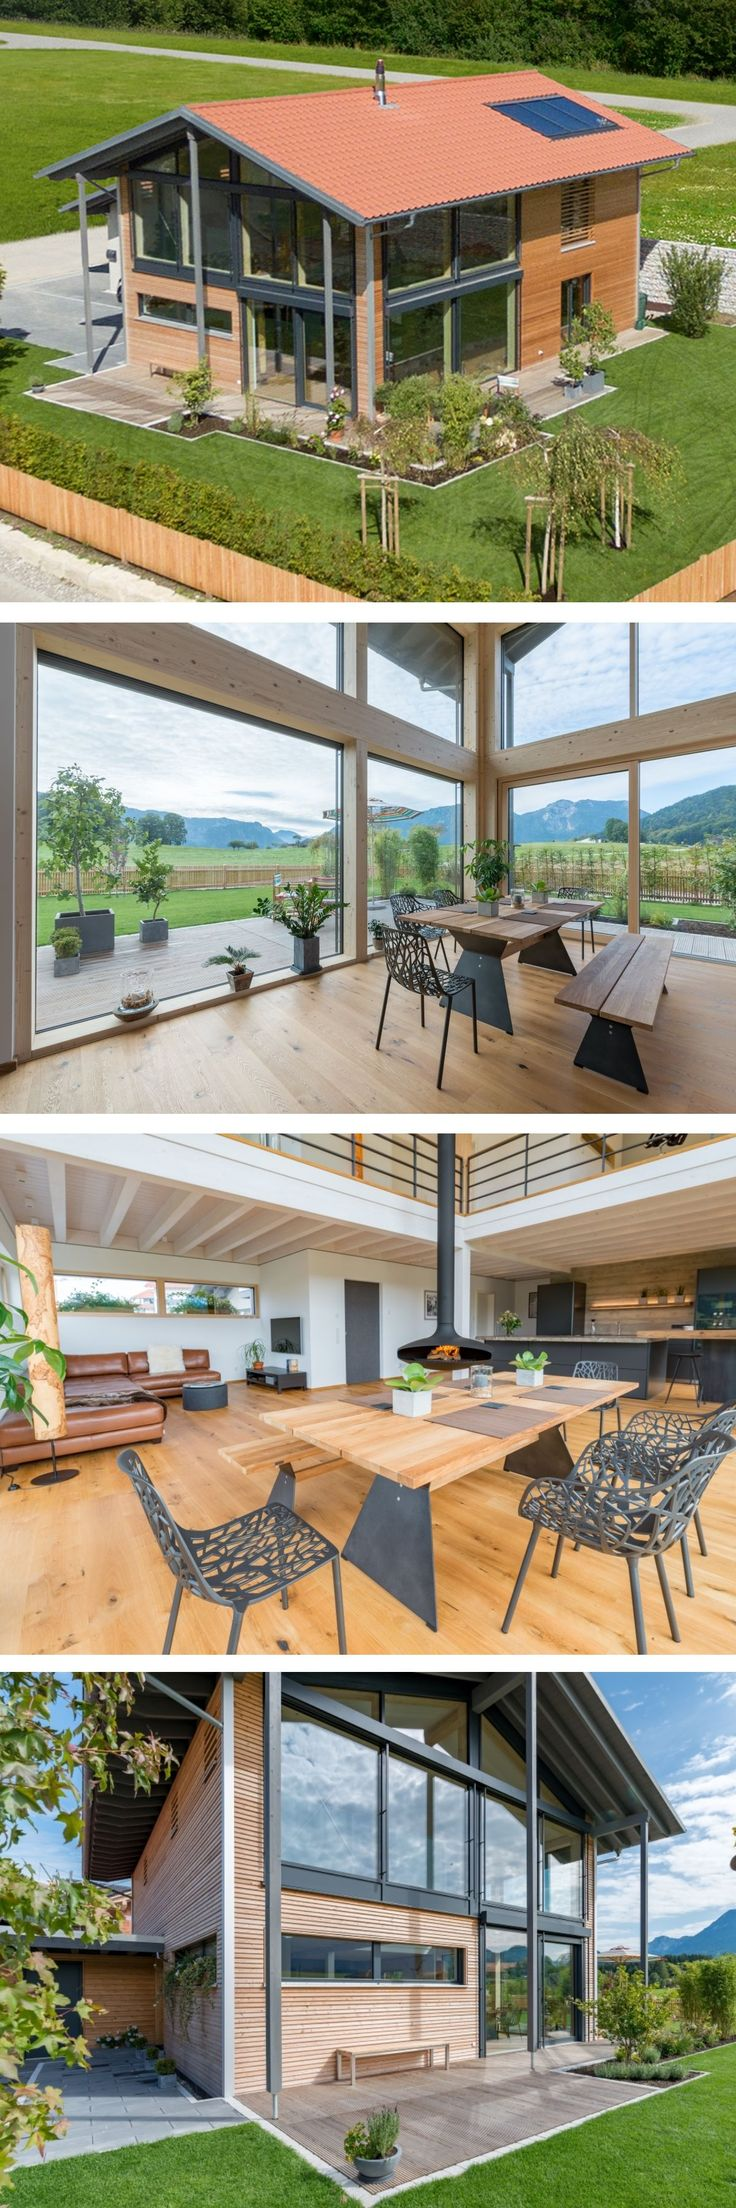 Einfamilienhaus Architektur modern im Landhausstil mit Holzfassade, Satteldach …